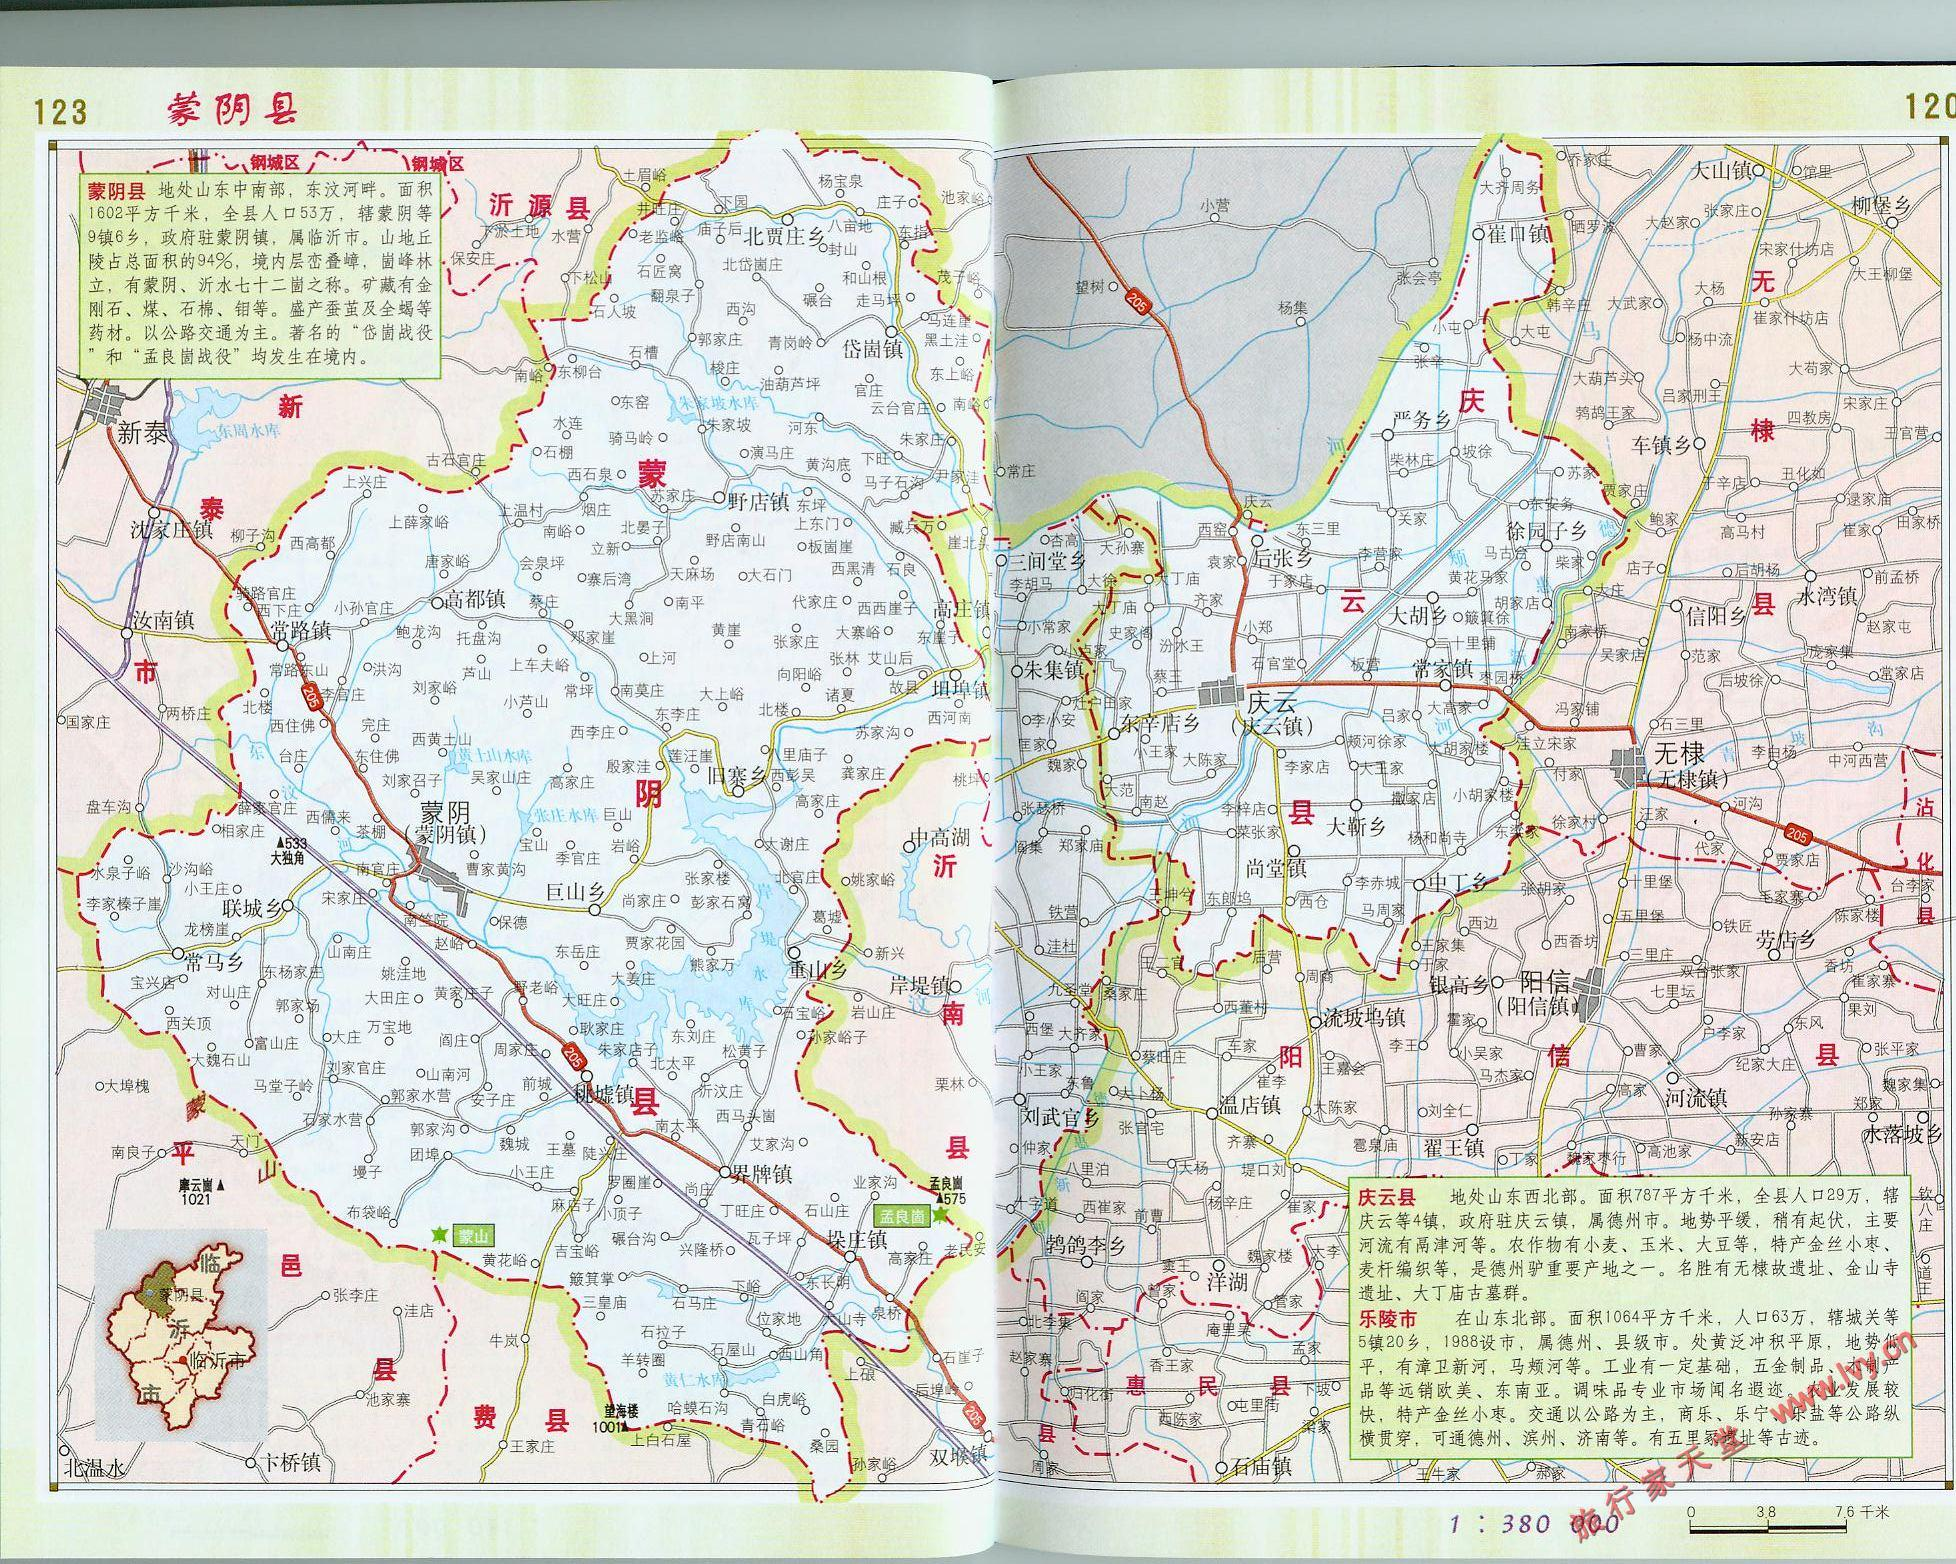 临沂地图 临沂地图交通图 临沂地图全图大图